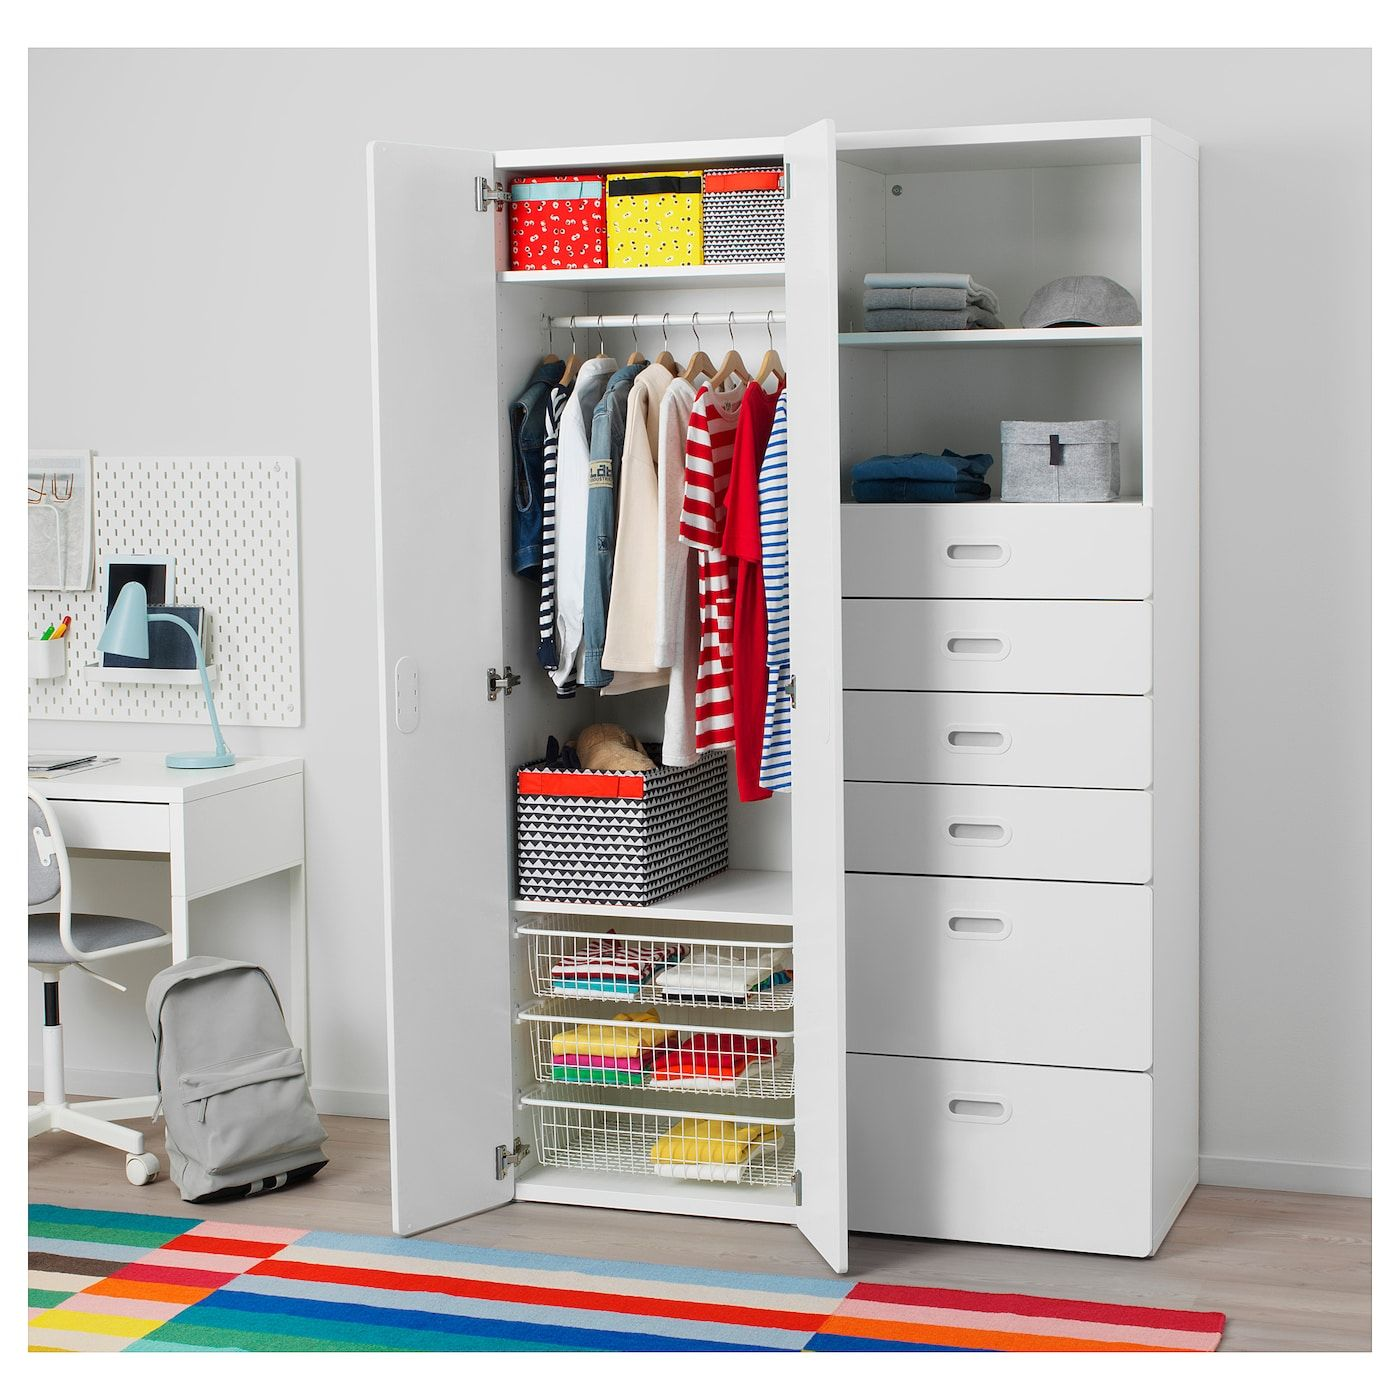 Stuva Fritids Kleiderschrank Weiß Weiß Ikea Kleiderschrank Kinderzimmer Kleiderschrank Weiss Ikea Lagerung